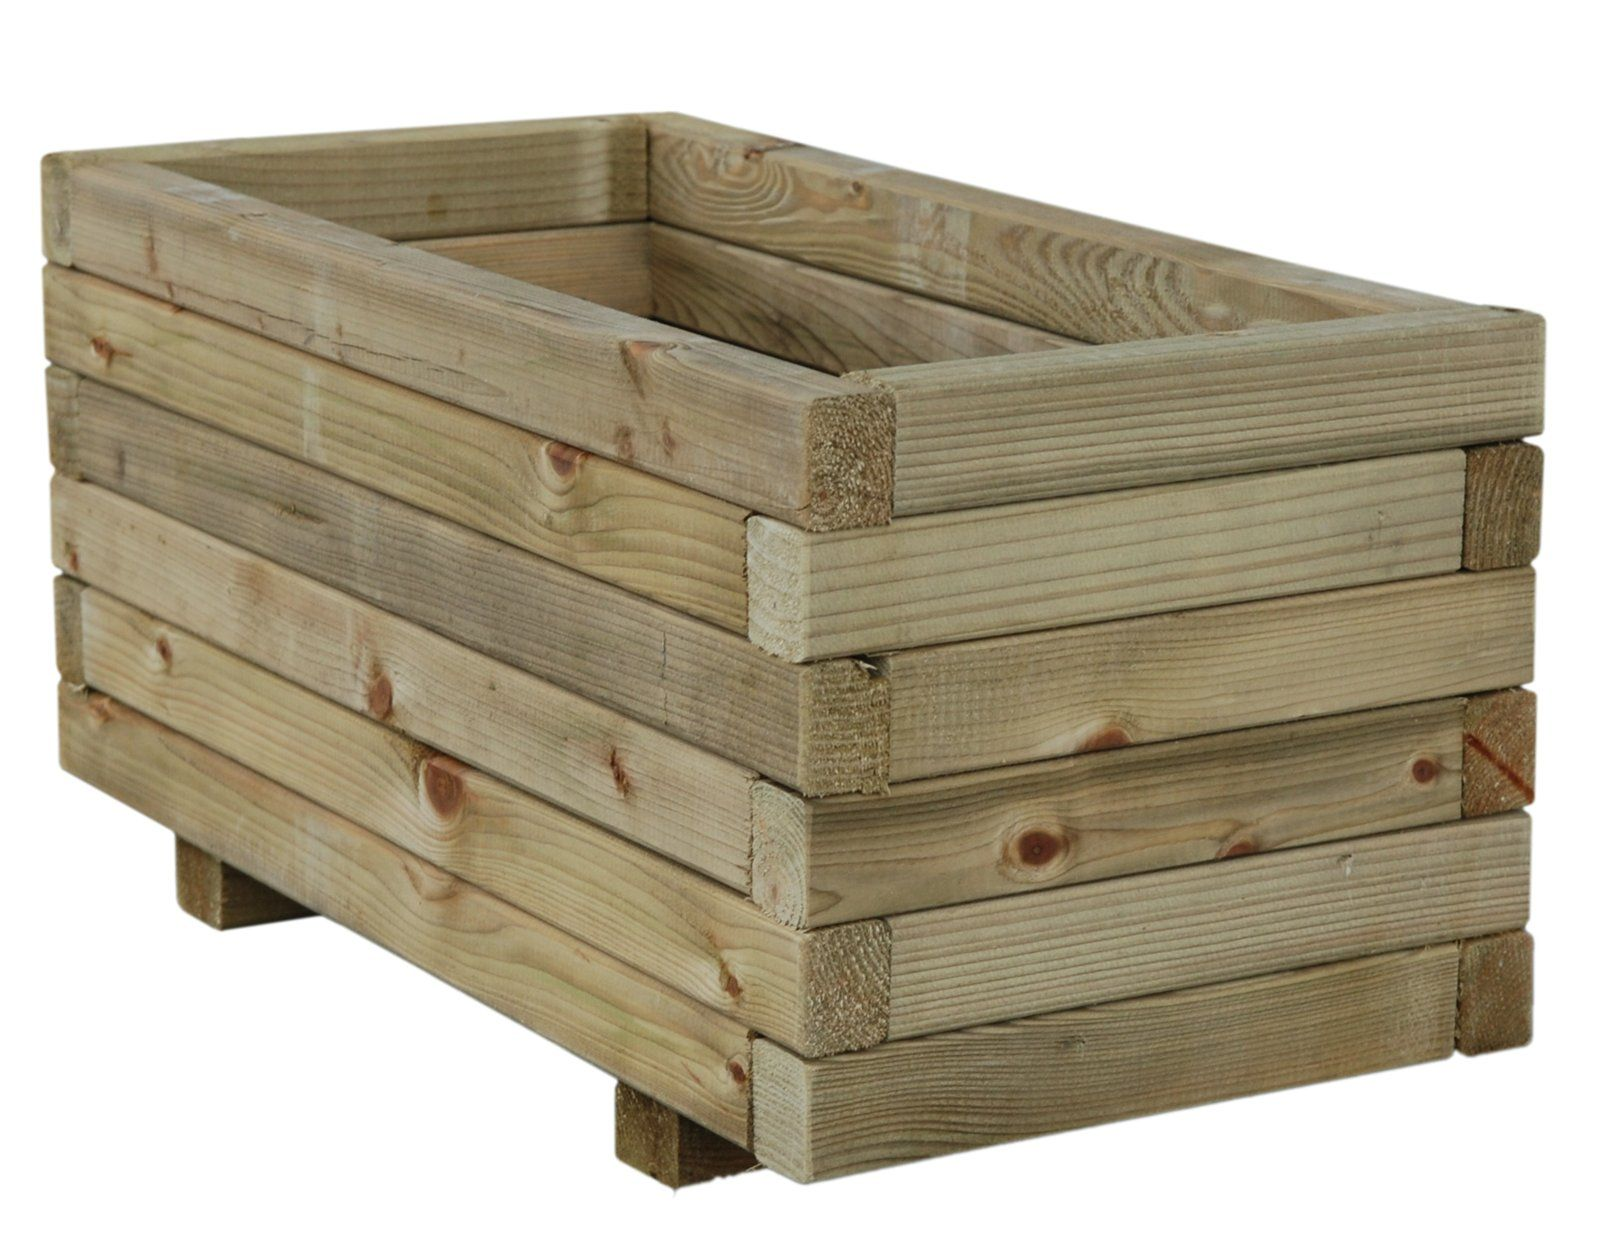 wooden planters 120x35x40cm autoclave 37 99 per piece. Black Bedroom Furniture Sets. Home Design Ideas